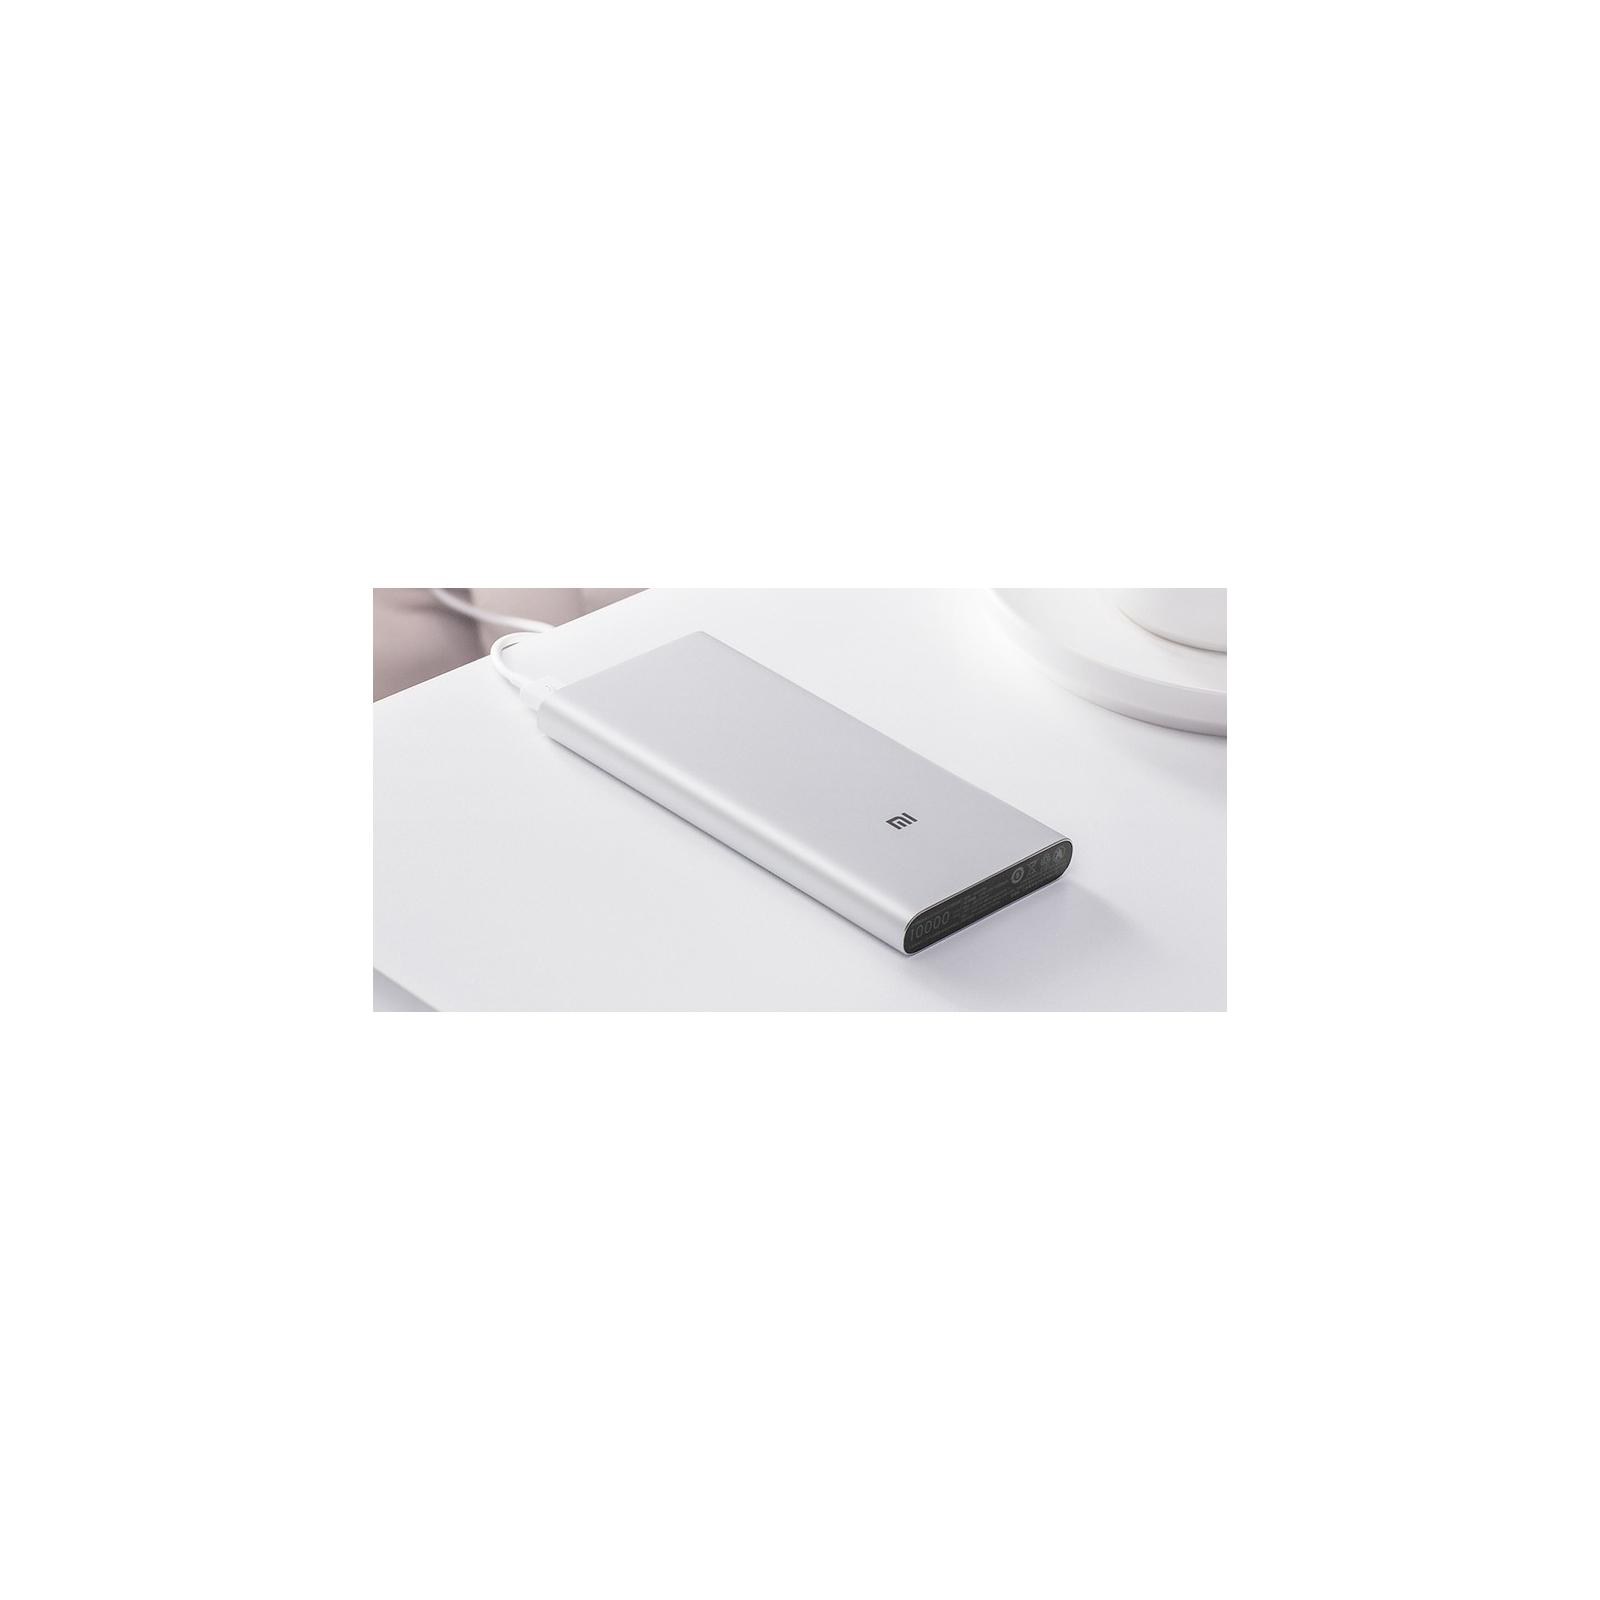 Батарея универсальная Xiaomi Mi Power bank 3 10000mAh QC3.0(Type-C), QC2.0(USB) Silver (PLM12ZM) изображение 5